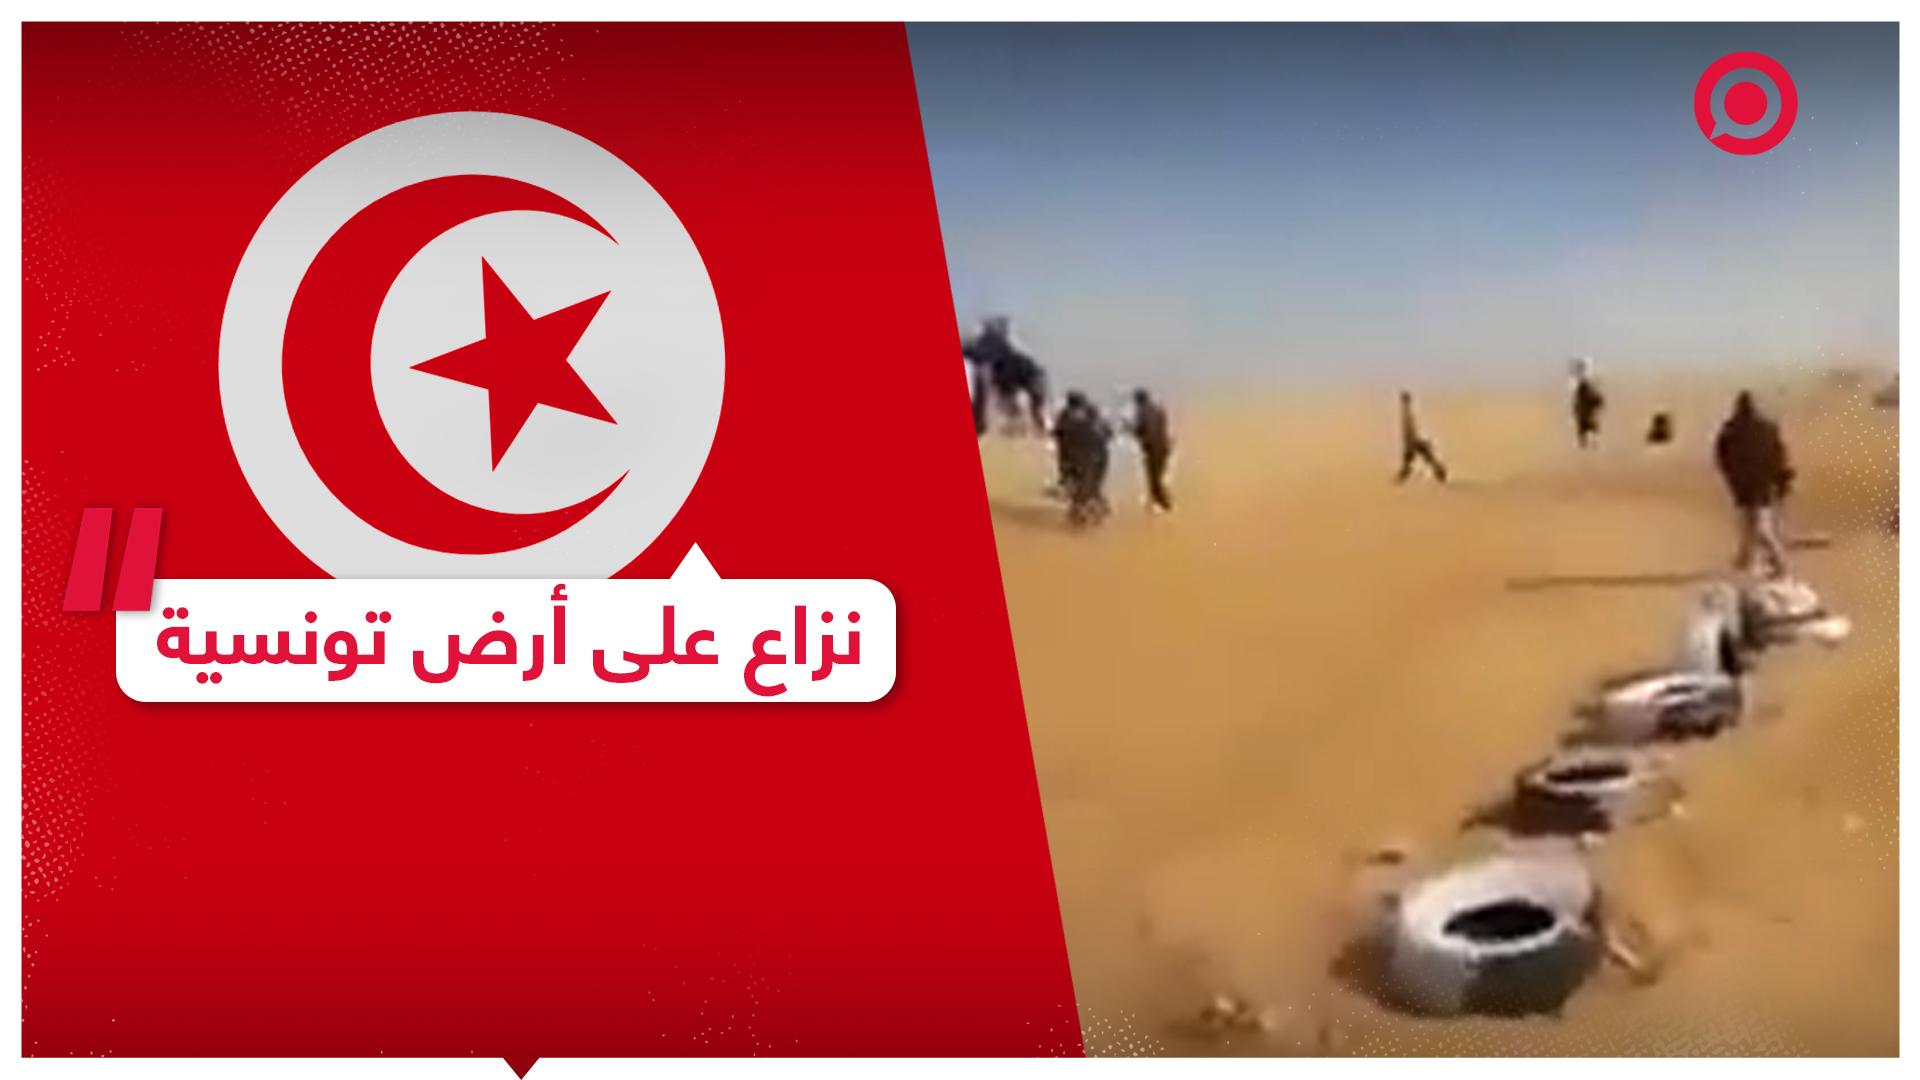 خلاف على قطعة أرض في تونس تخلف قتيلا ونحو53 جريحا.. والرئيس سعيد يصل مكان النزاع